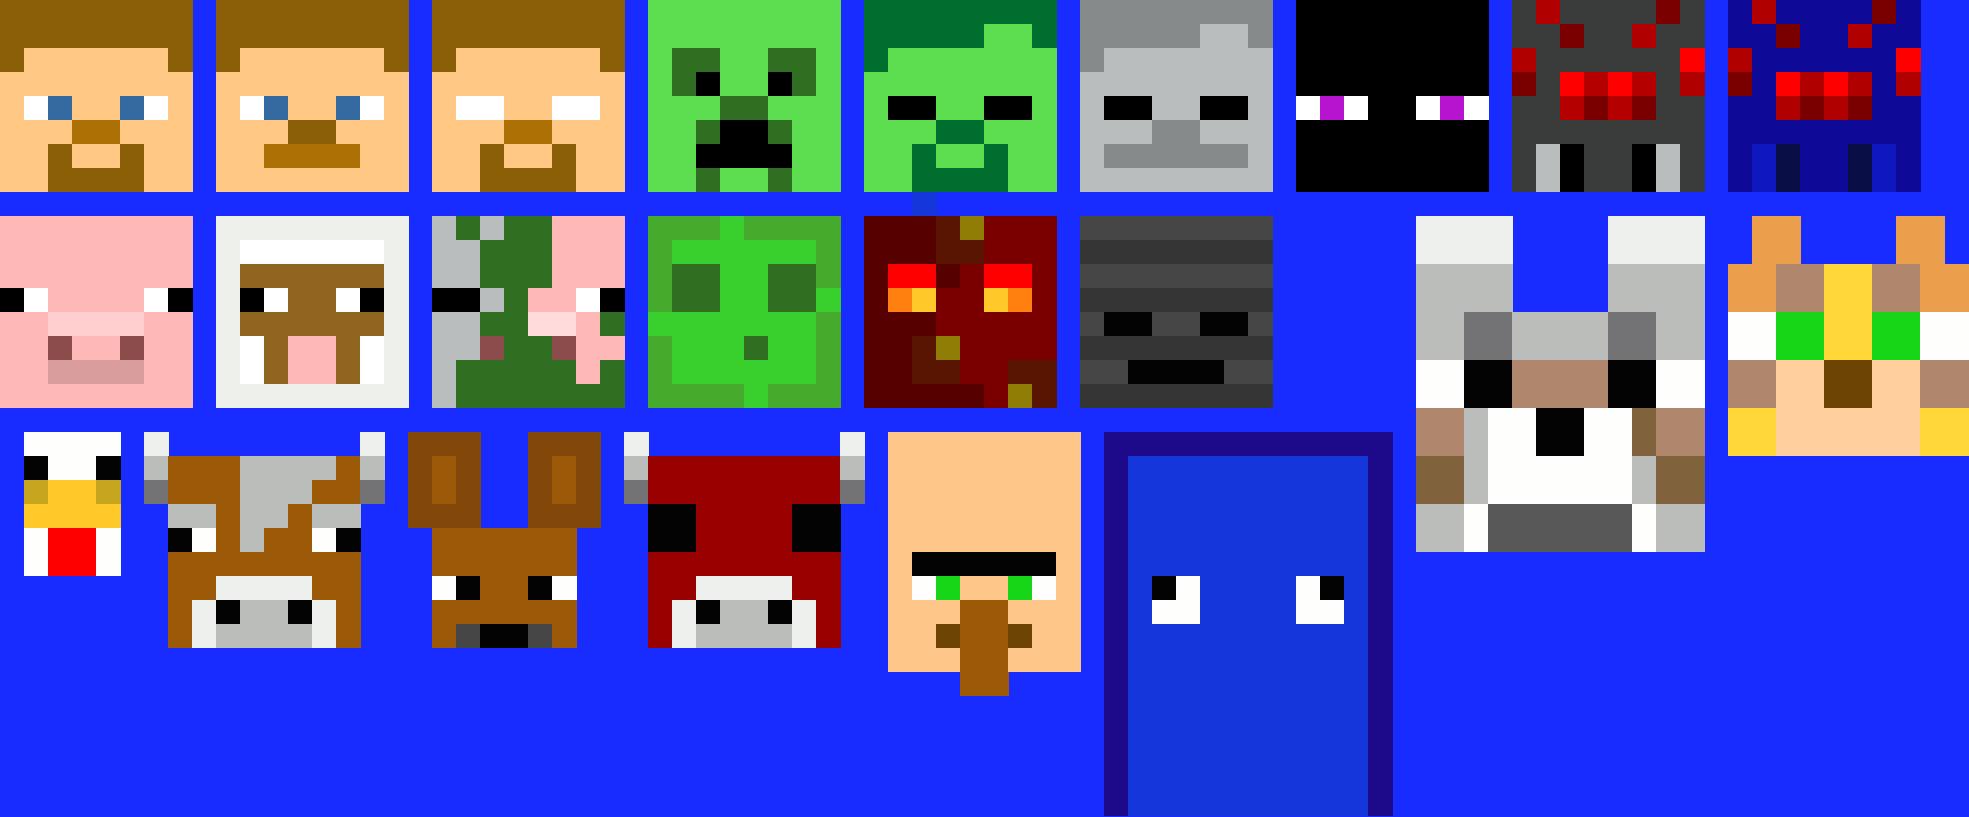 Minecraft Faces Grid Paint